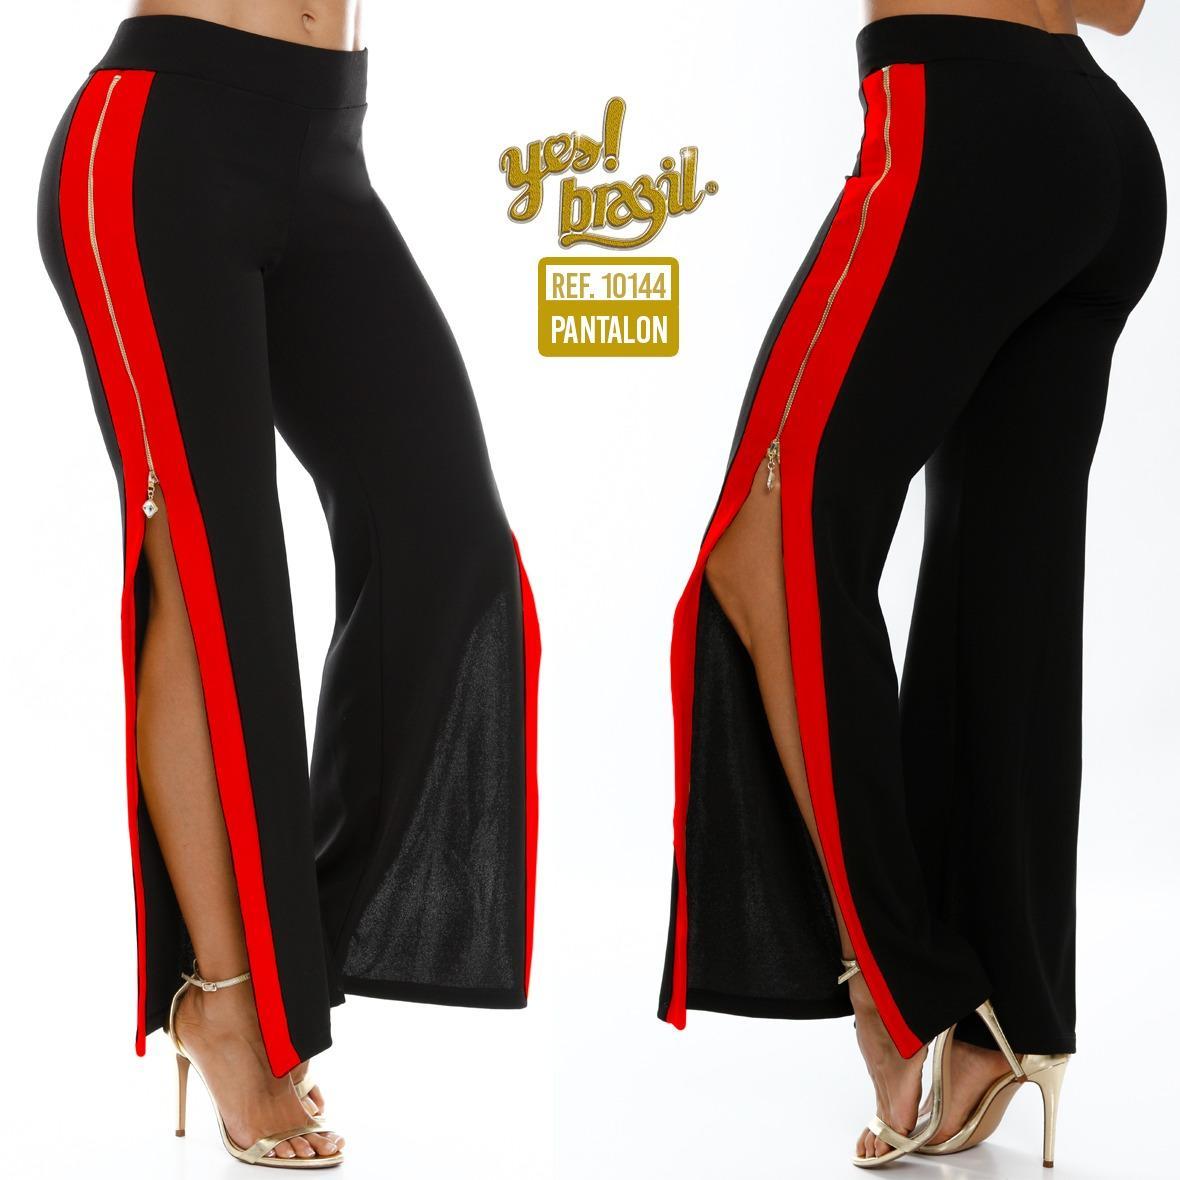 Sexy Pantalon de Dama con abertura lateral